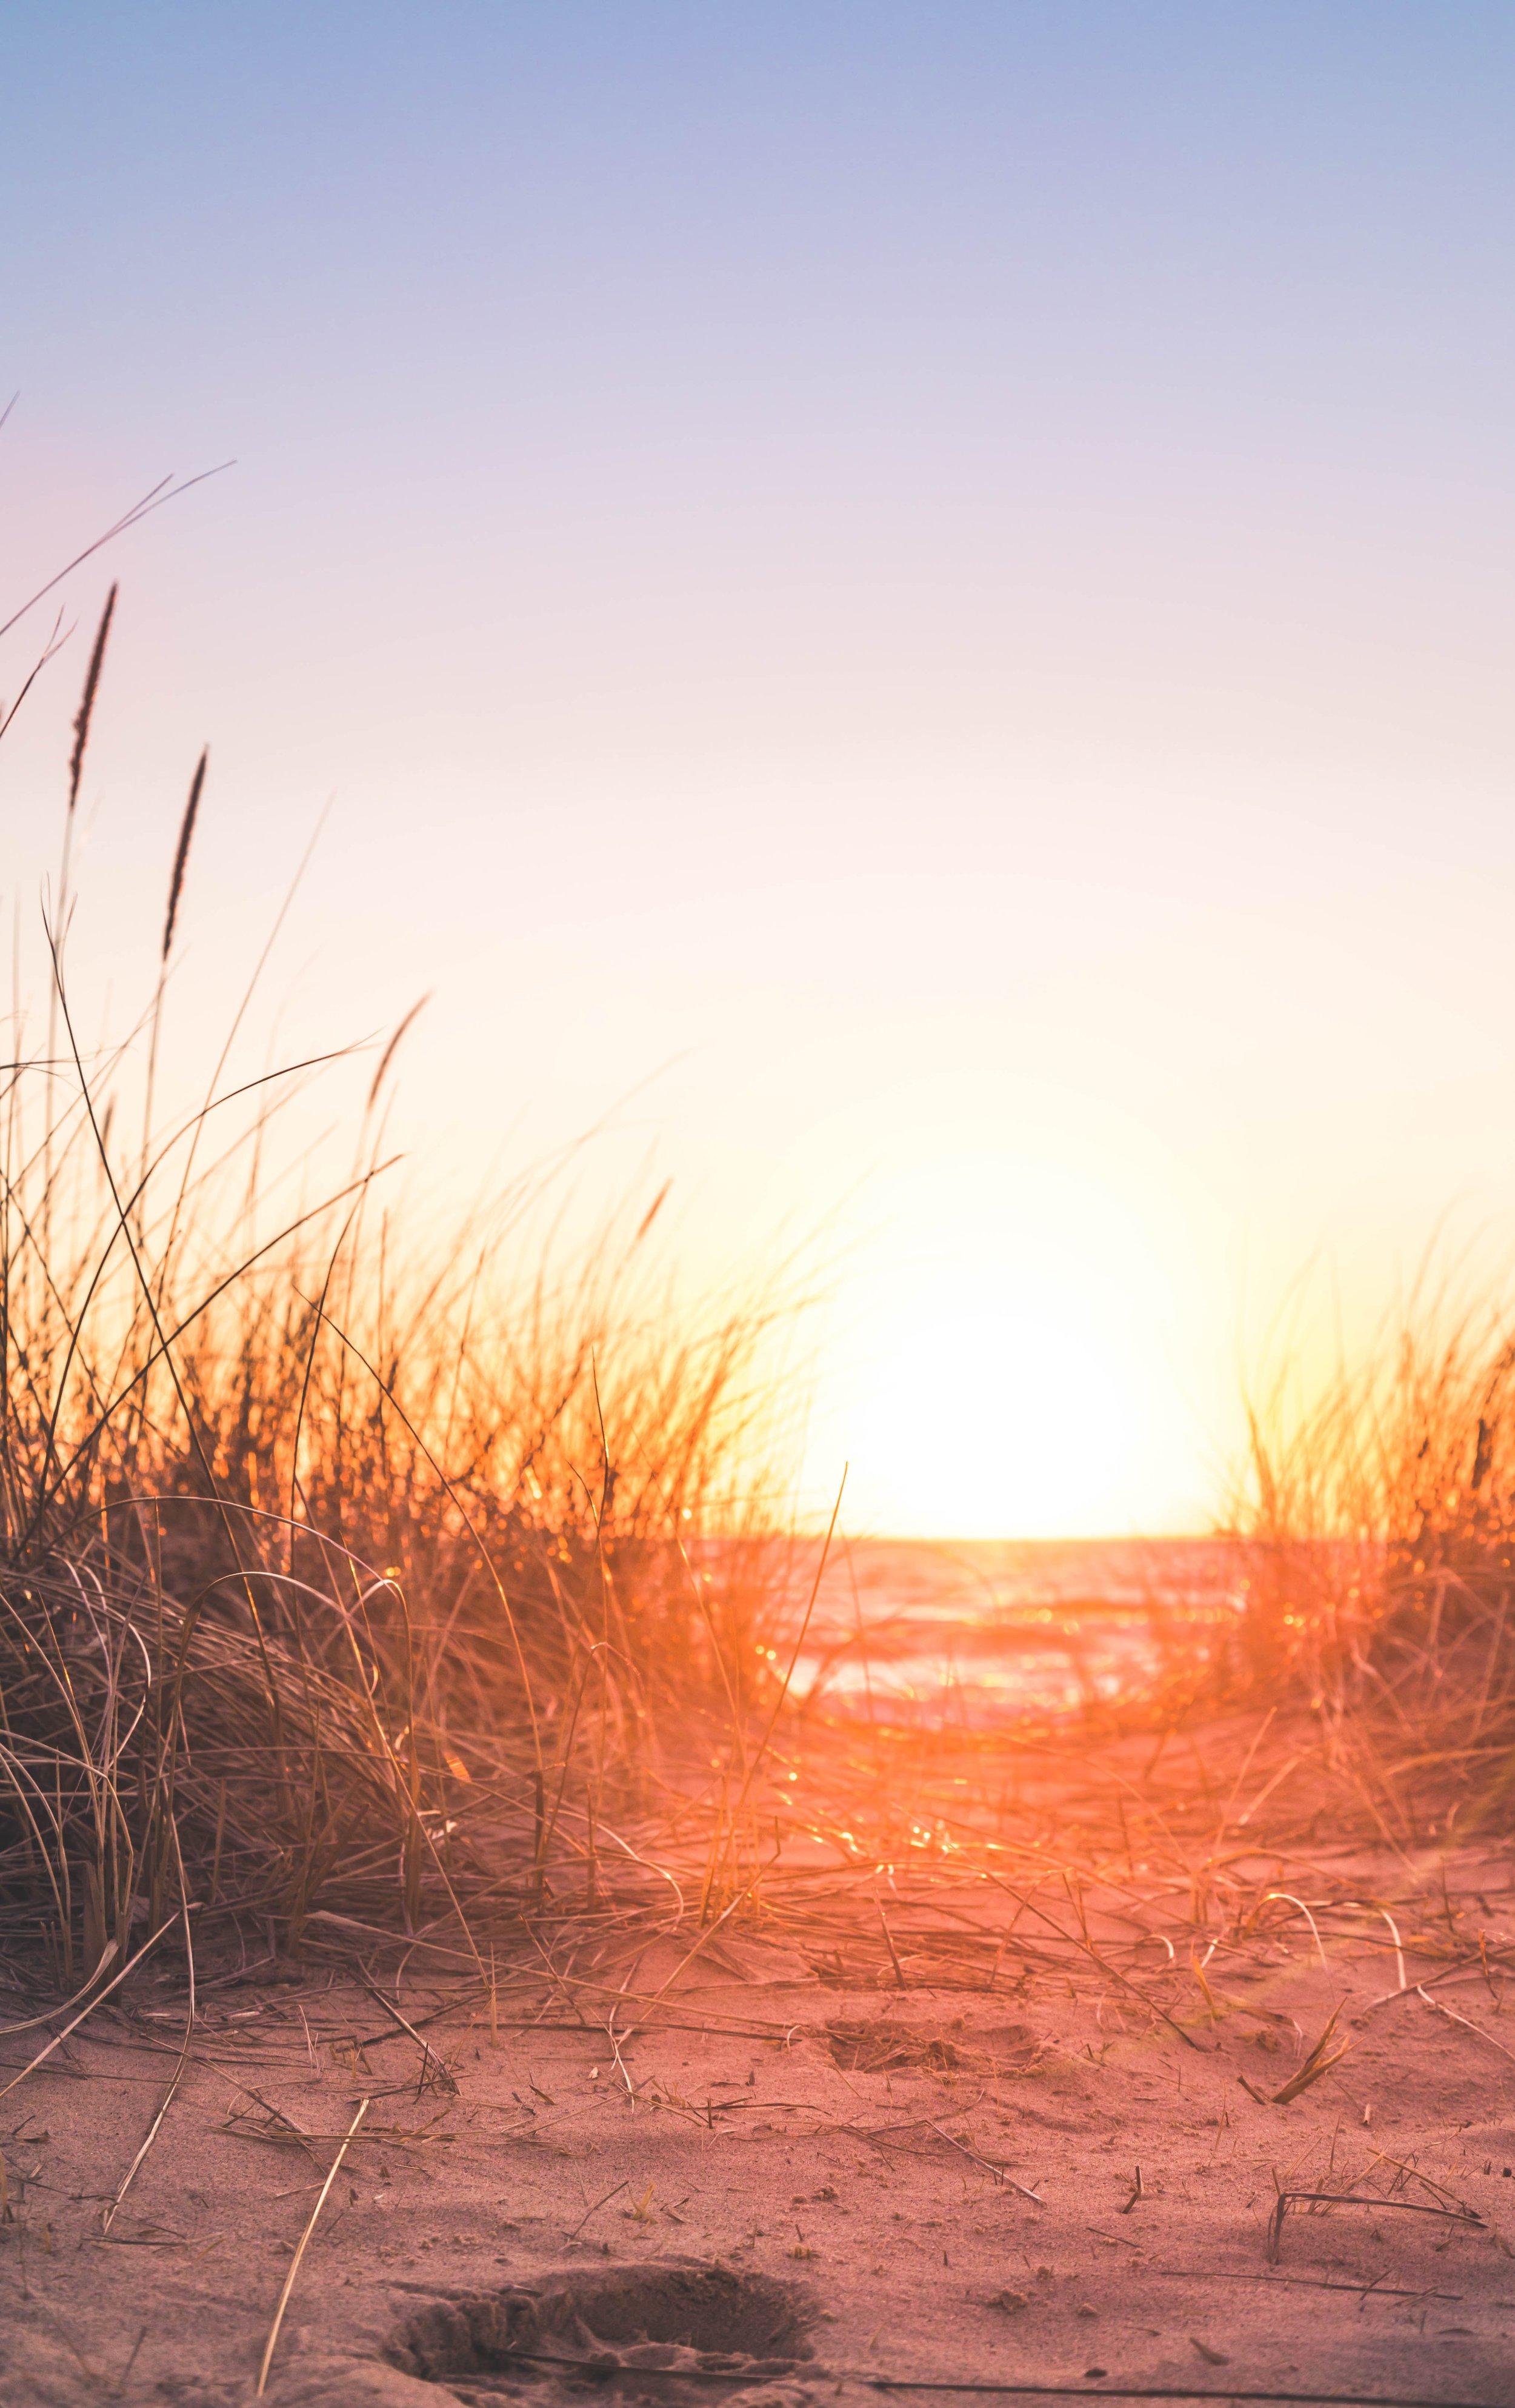 backlit-beach-dawn-1032651.jpg